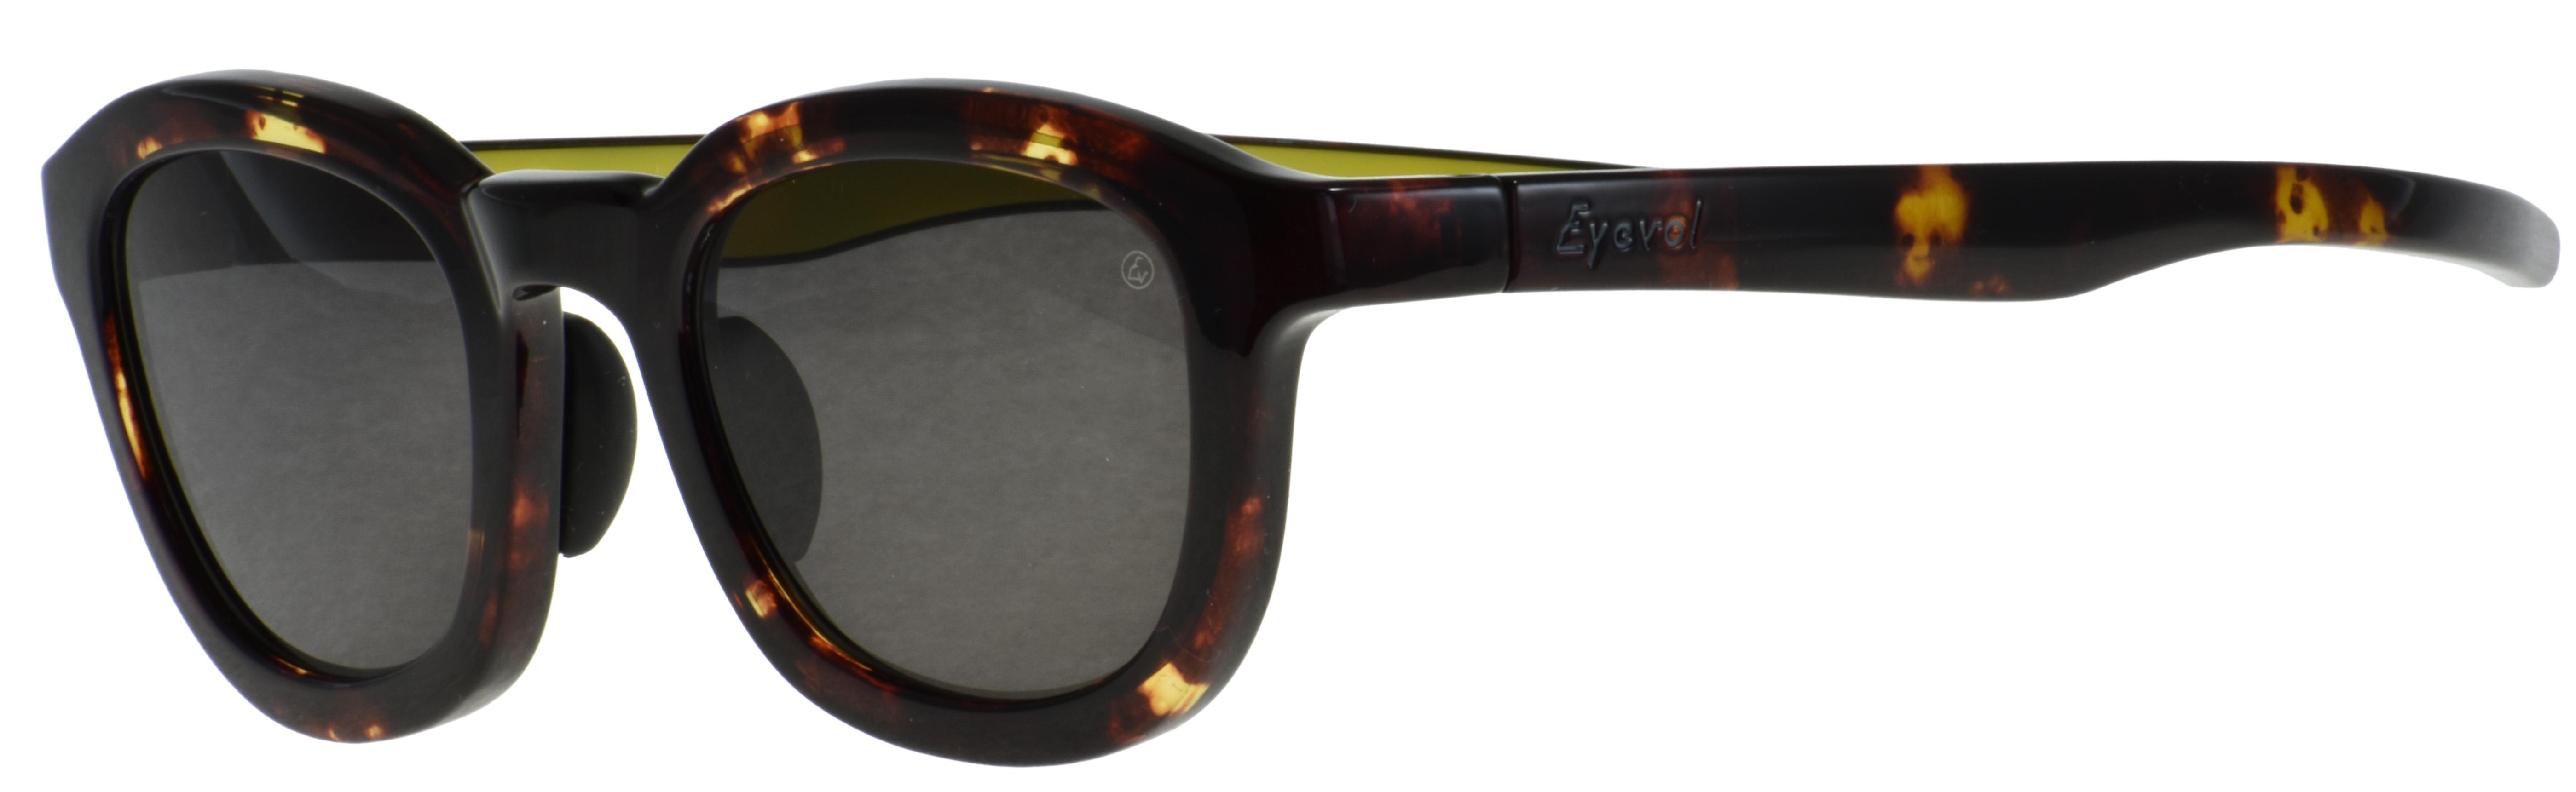 Eyevol RYS 2 XL 50 DM-LY-PL-BK PL ¥22,000 02